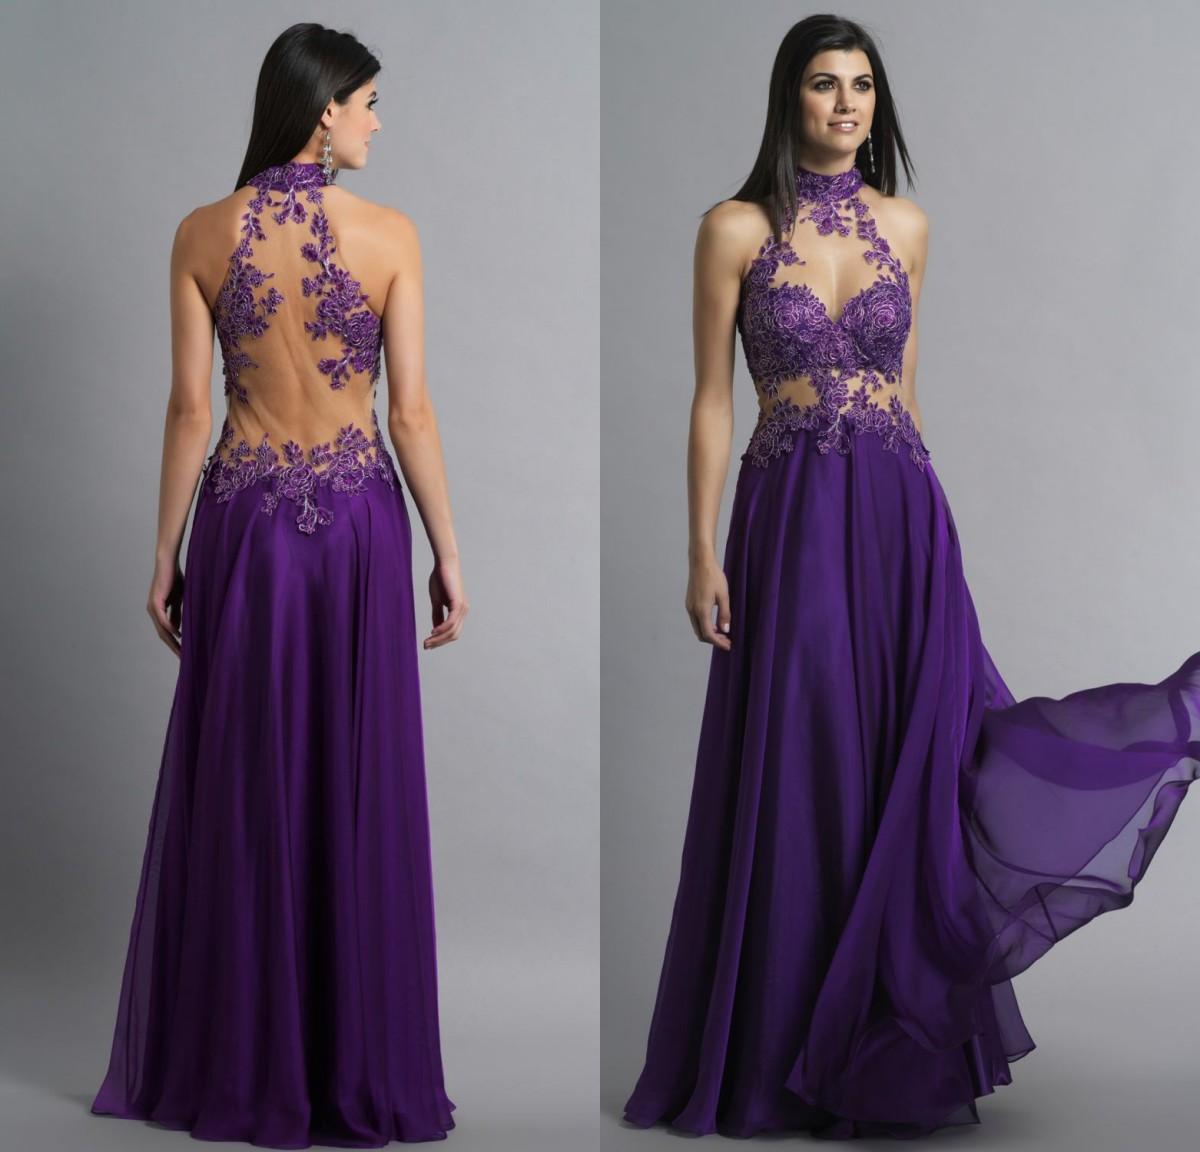 evening dress sewing patterns wedding dress sewing patterns Evening Dress Sewing Patterns 53